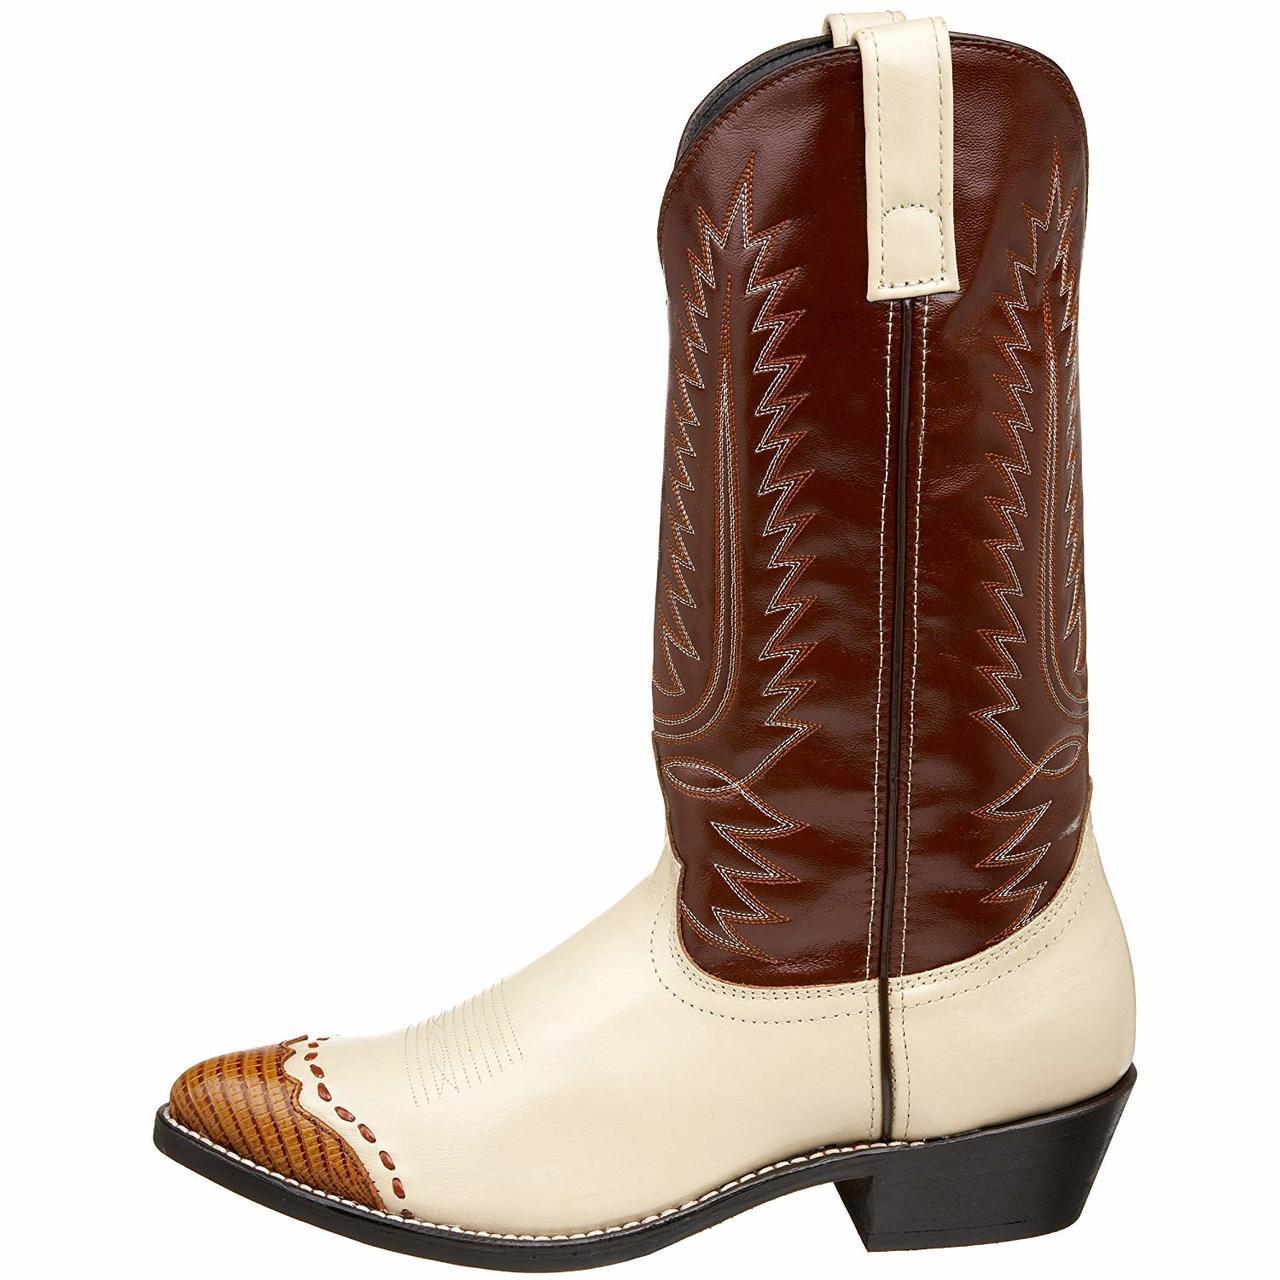 202cb53133c Laredo Men's 61161 Classic 13